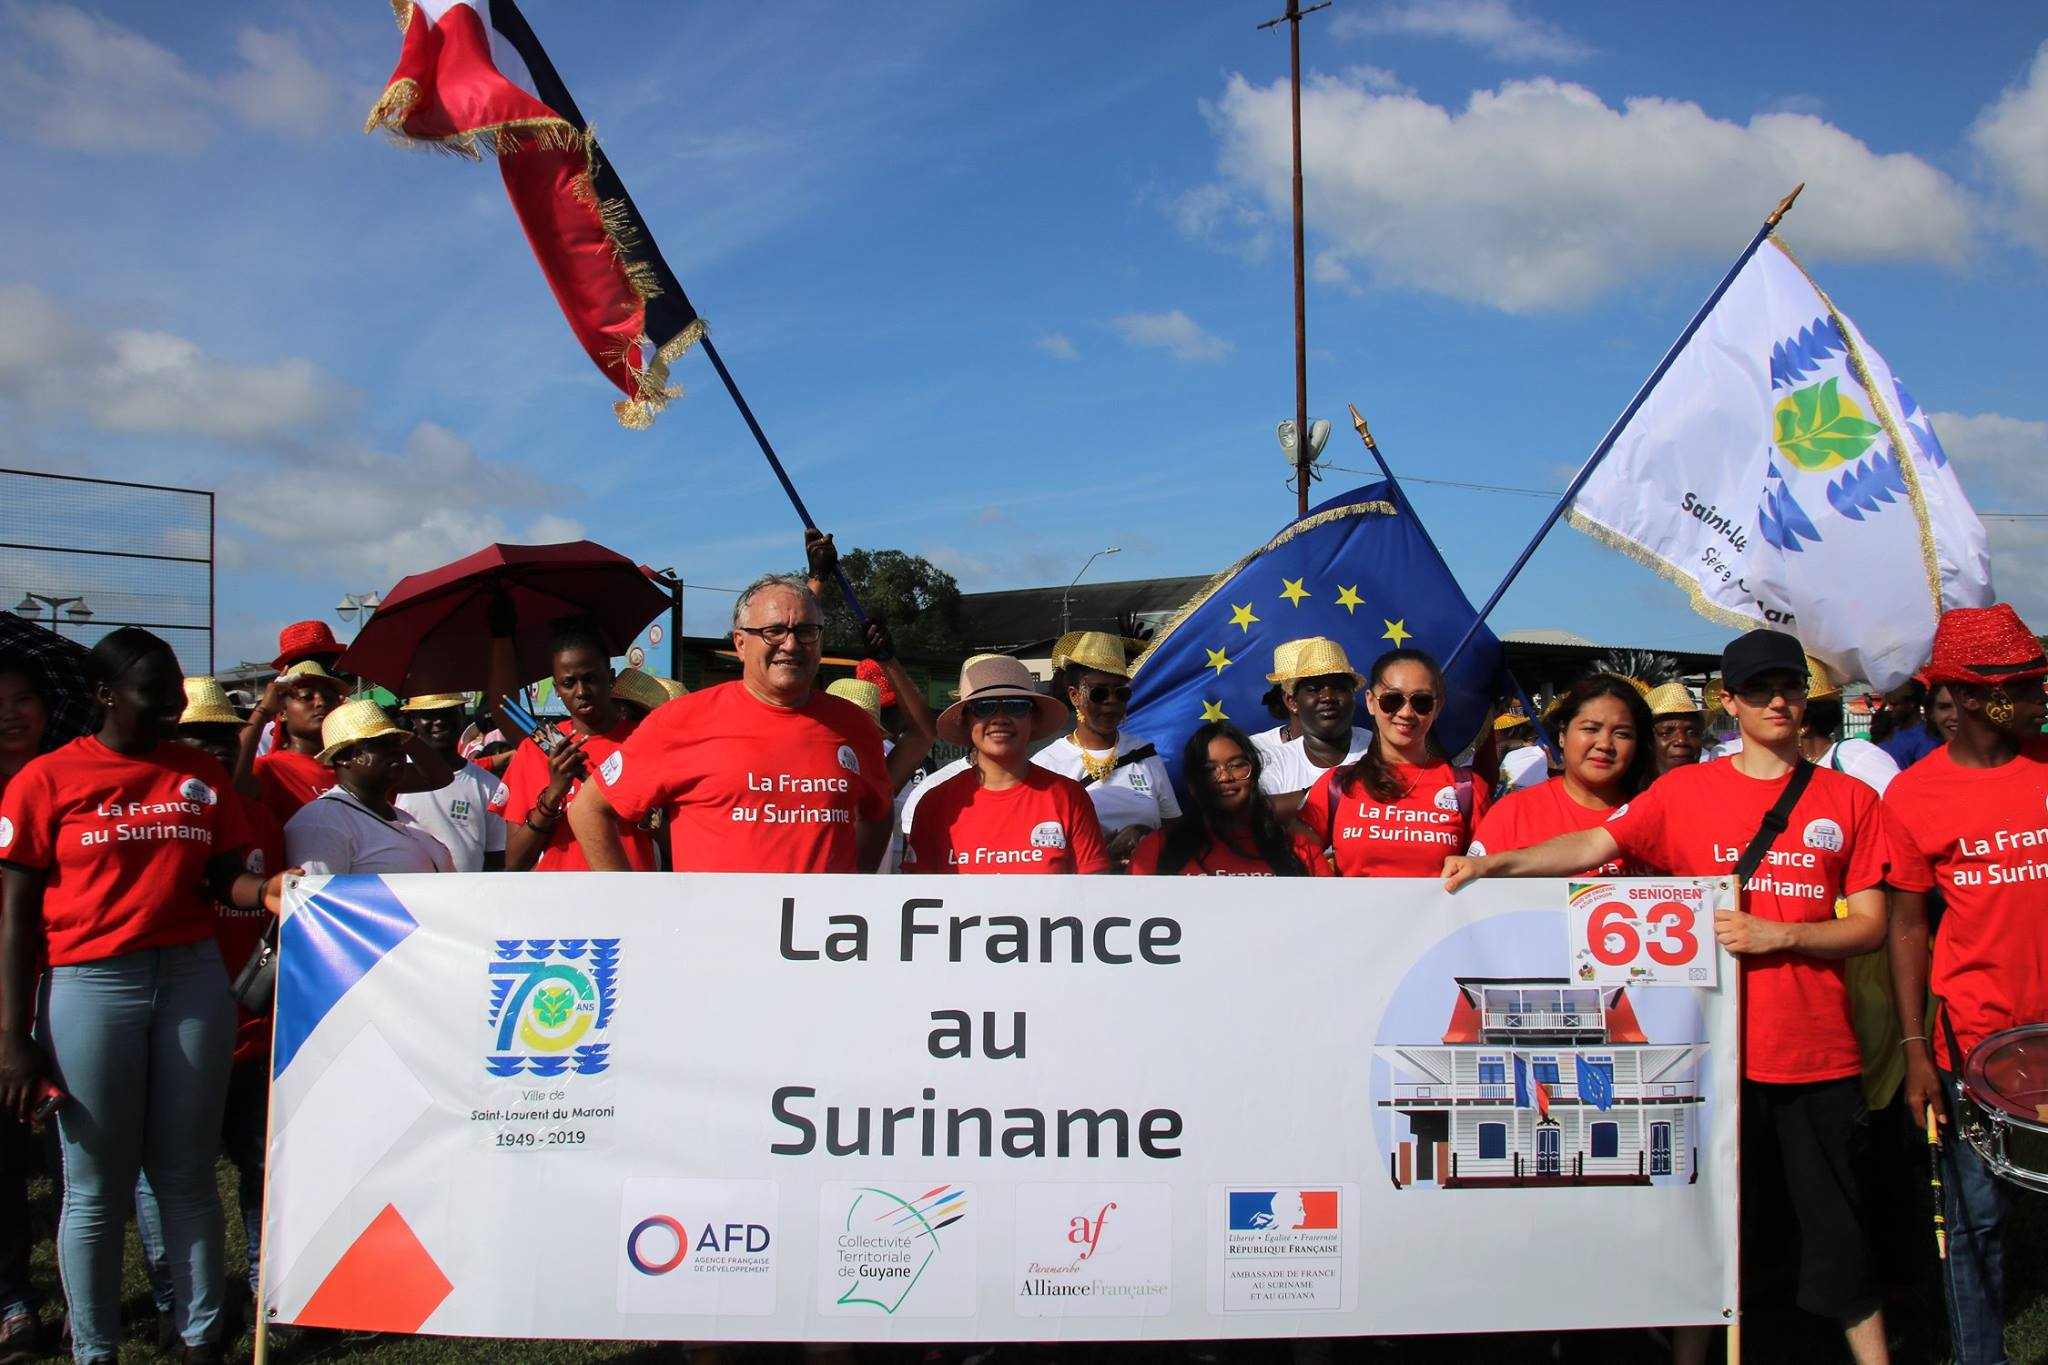 """[Coopération transfrontalière - culture] : les groupes carnavalesques de Saint-Laurent défilent à Paramaribo sous la bannière du groupe """"La France au Surinam"""""""